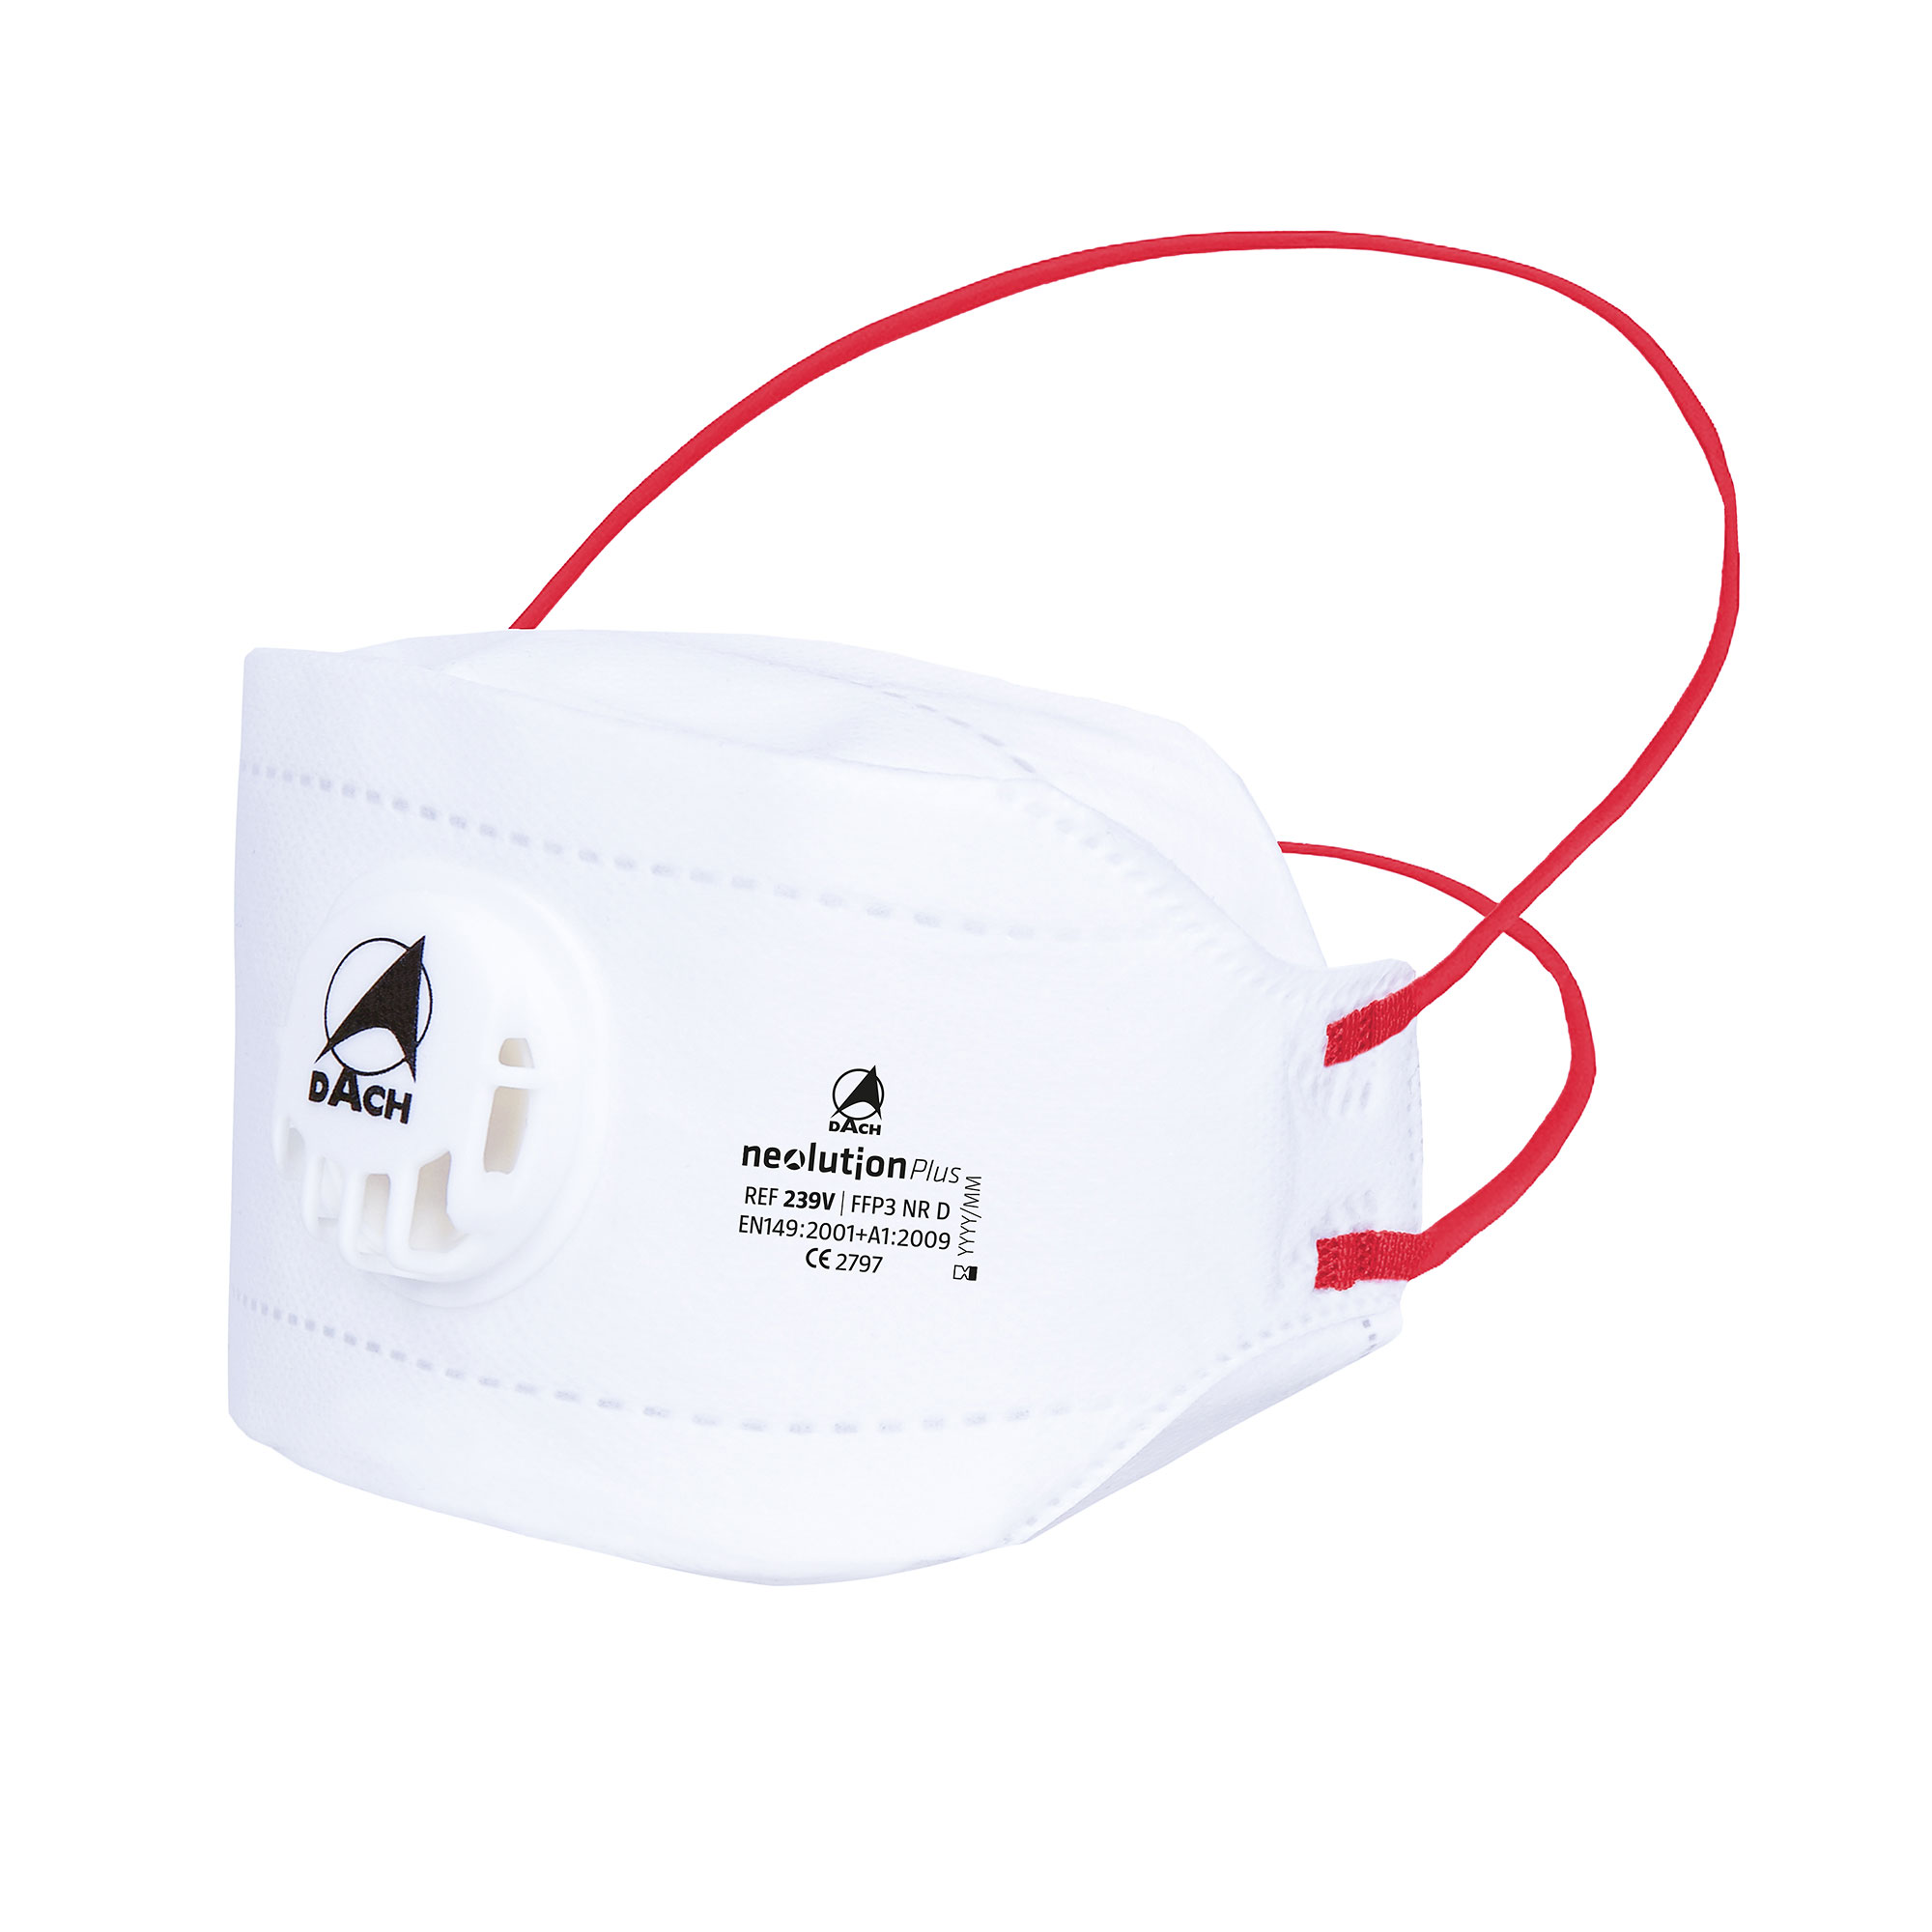 FFP3 Maske NeolutionPlus mit Ventil NR D EN149:2001+ A1:2009